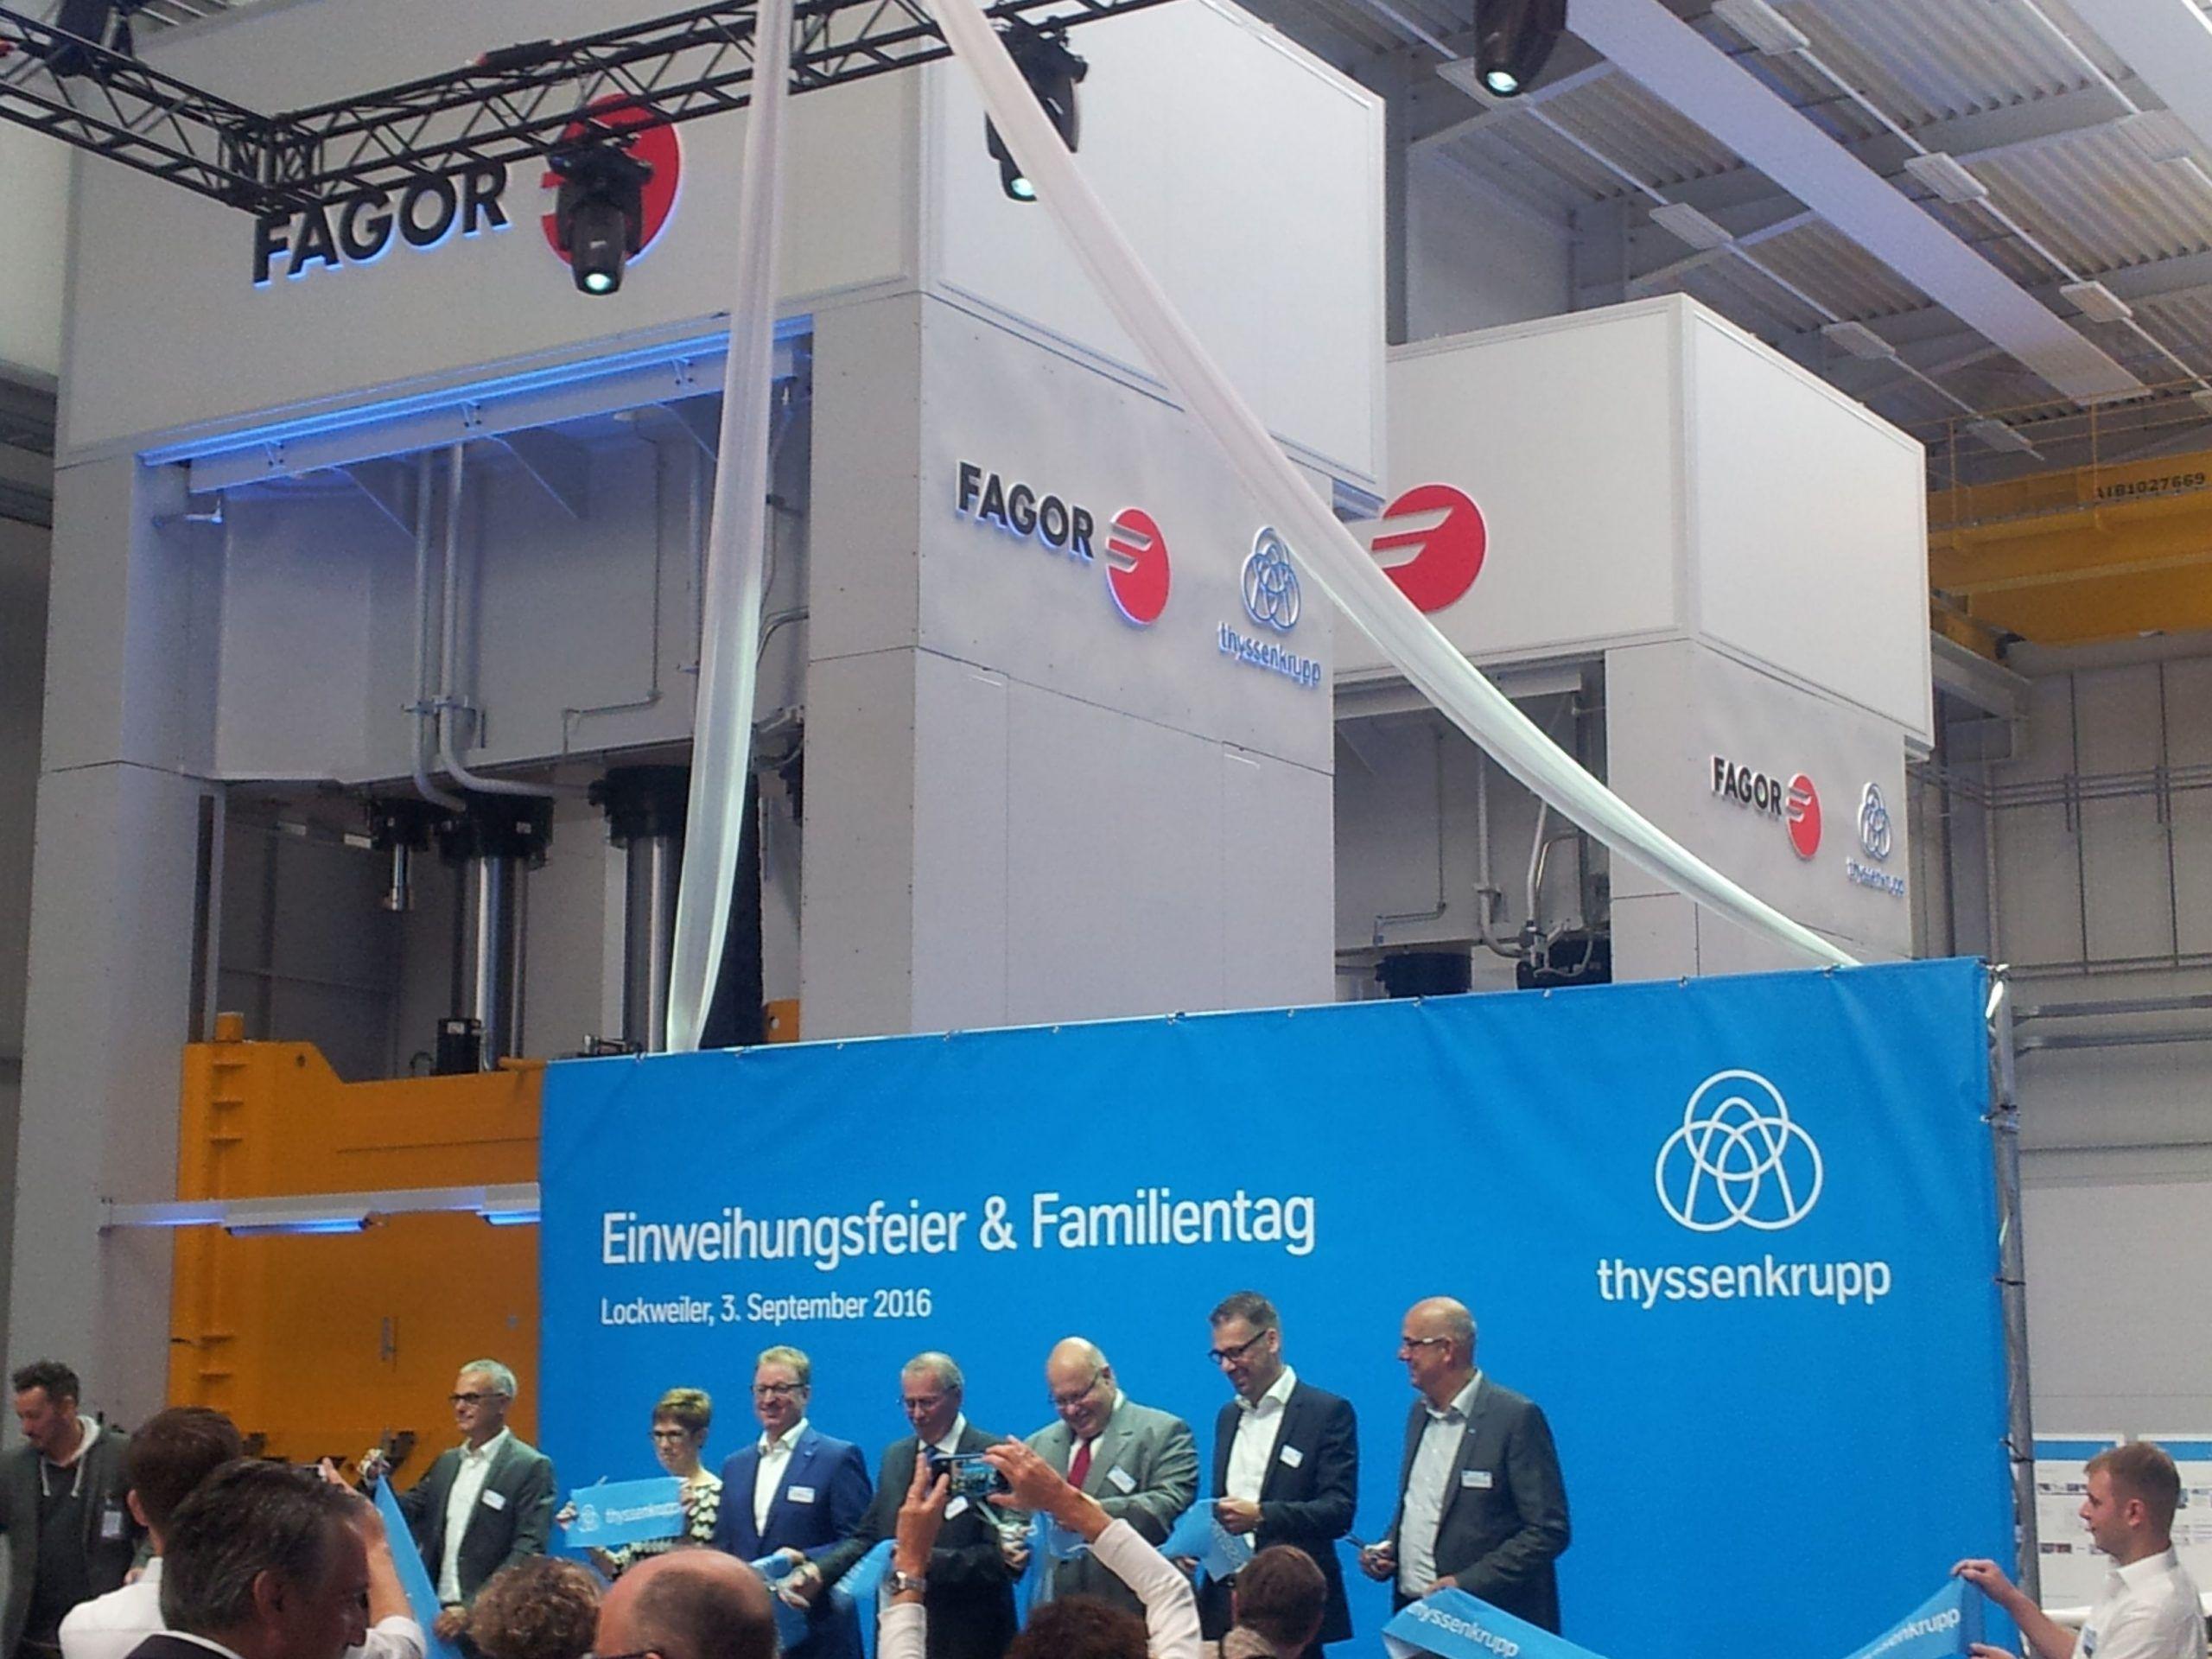 Fagor Arrasate event: THYSSENKRUPP SYSTEM ENGINEERING  felicita a FAGOR ARRASATE en la inauguración de su nueva planta